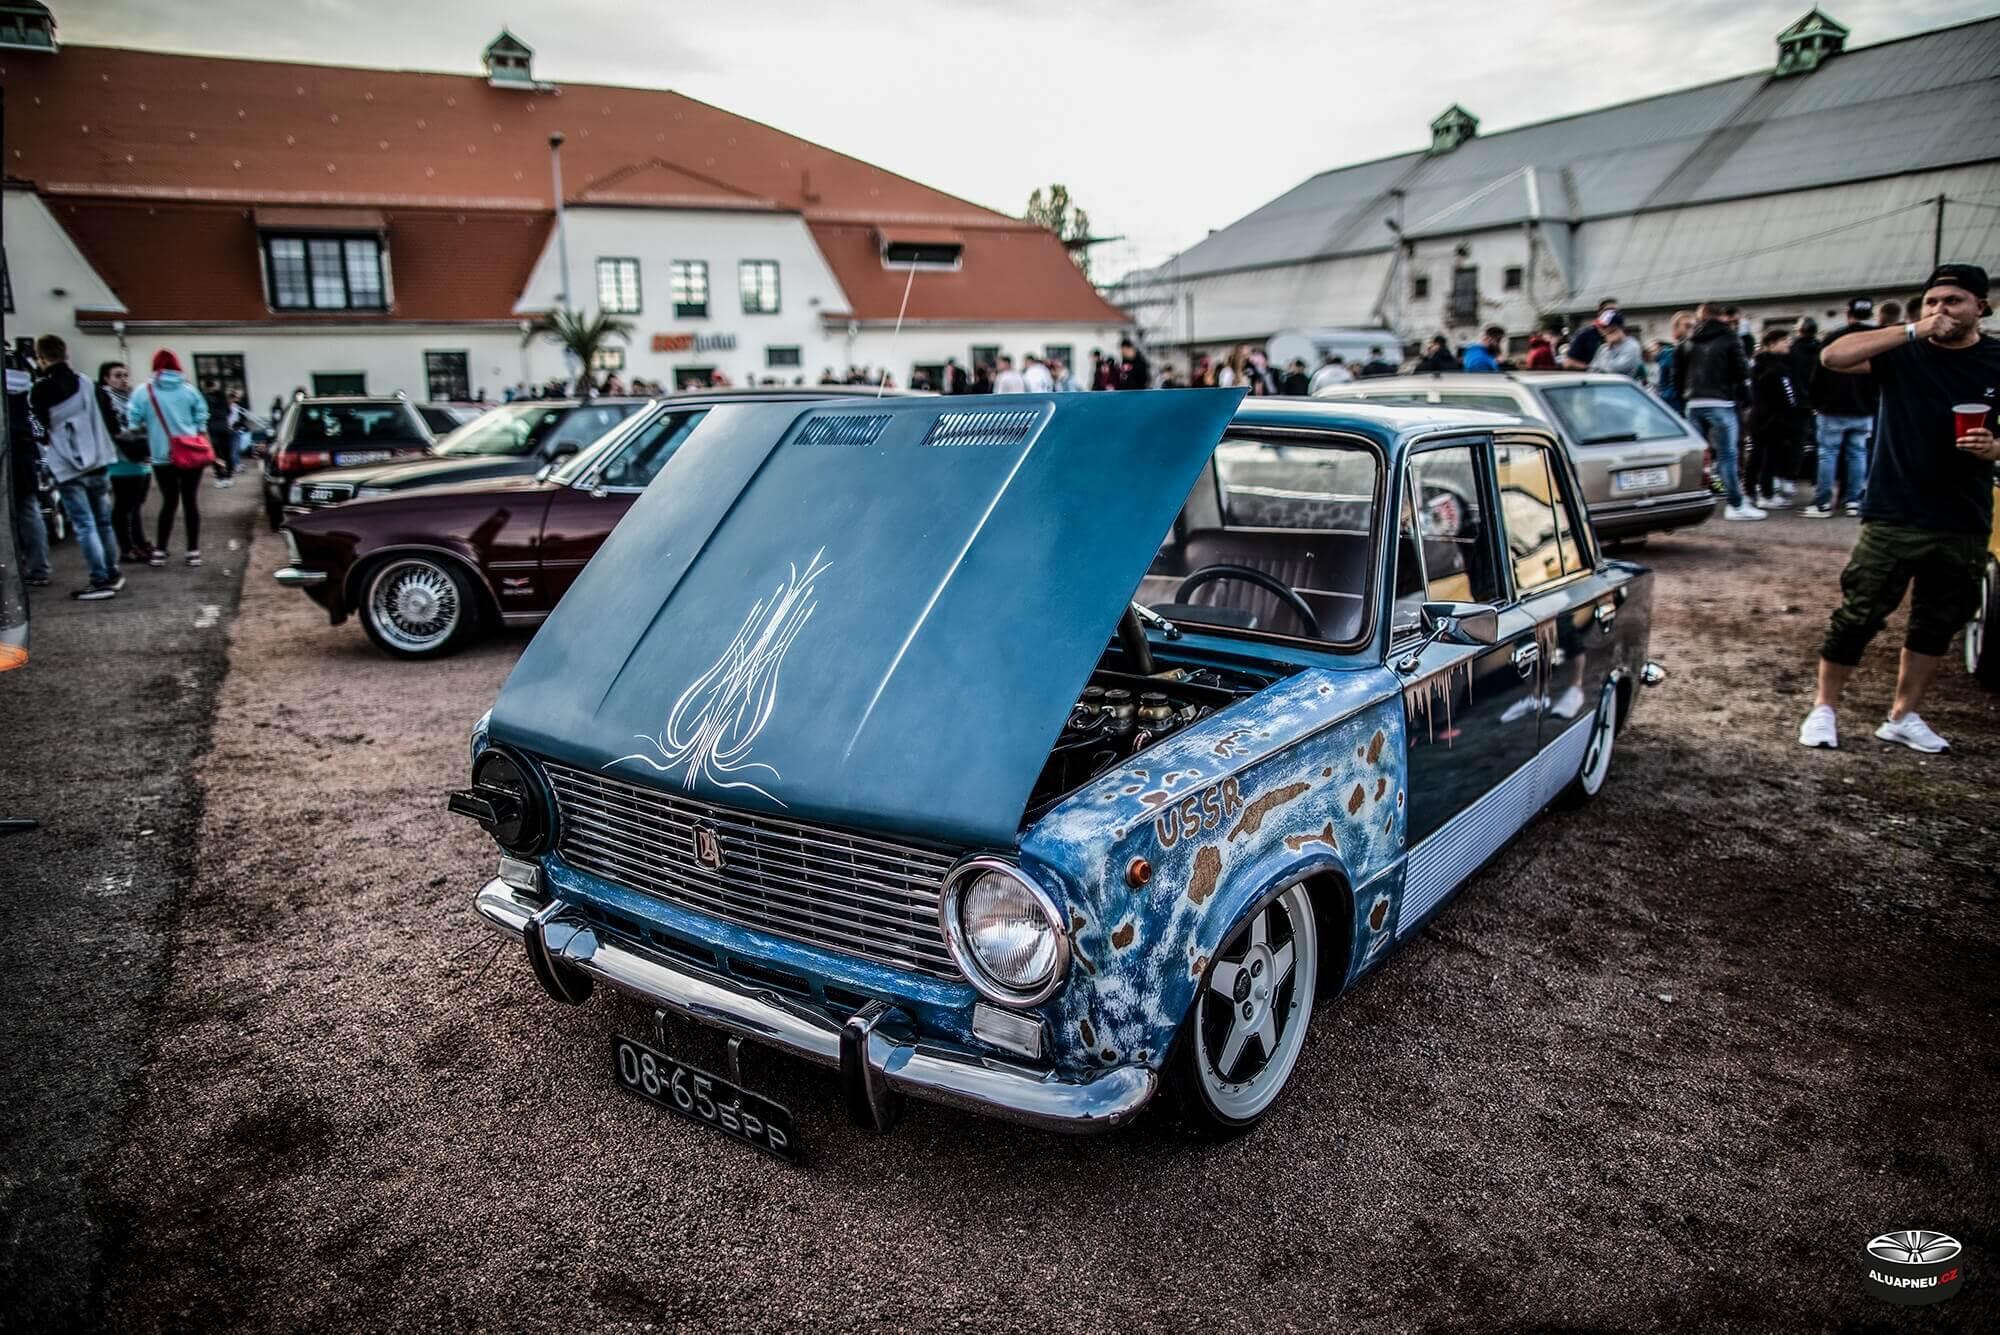 Alu kola Lada - XS Classic Carnight 5.0 - Drážďany tuning sraz 2019 - www.aluapneu.cz